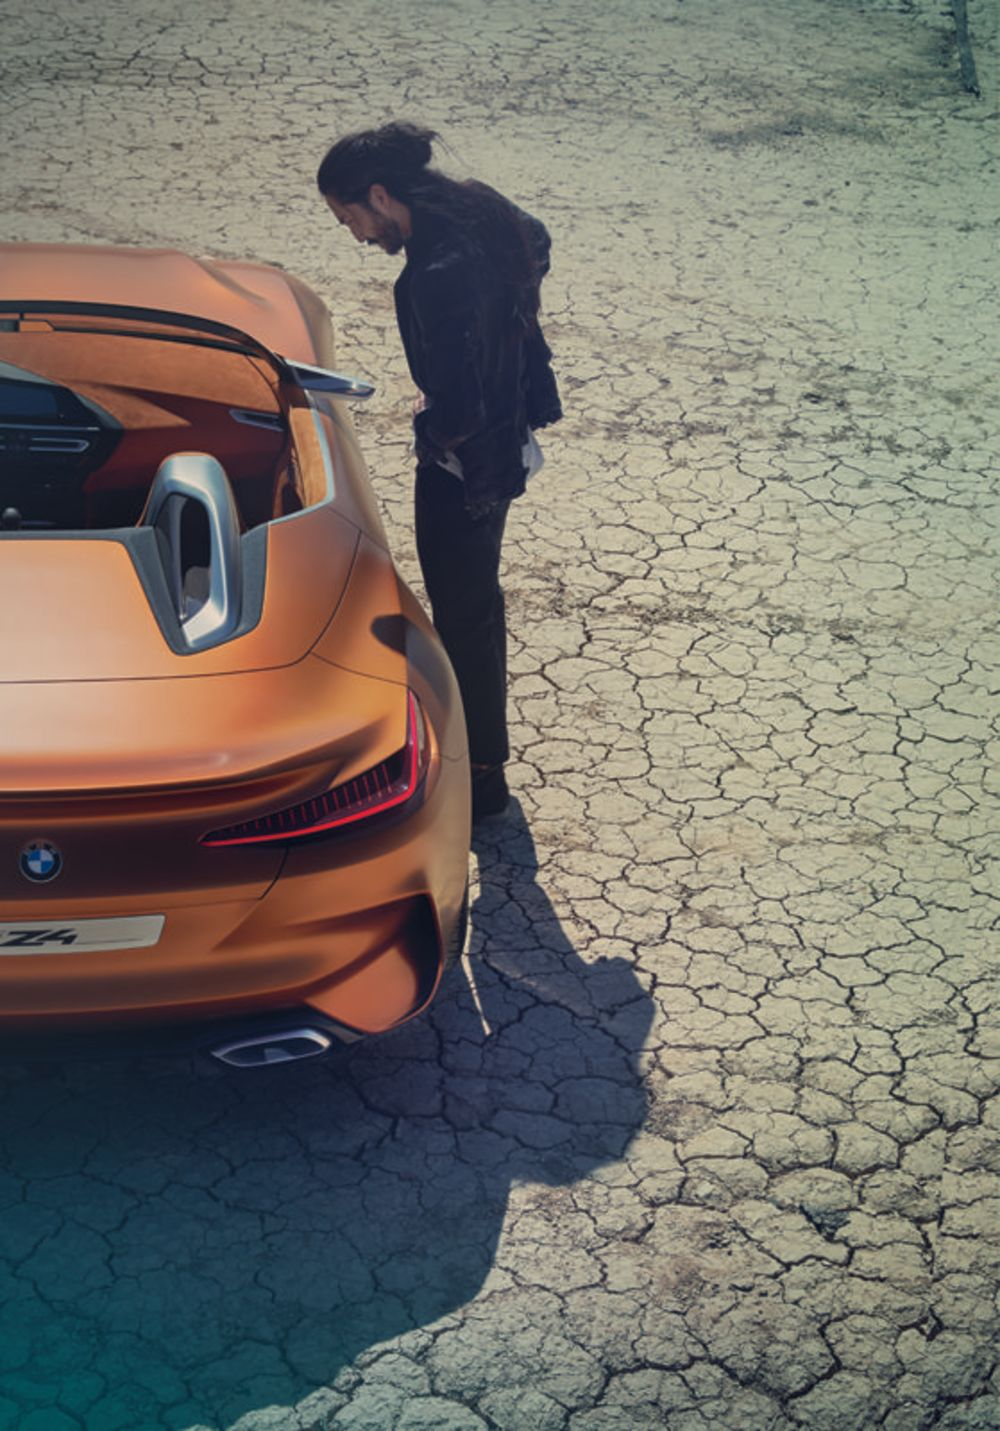 Der Roadster ist also nicht nur ein Ausblick auf den kommenden Z4, sondern auch auf die komplette Designsprache bei den Münchnern.